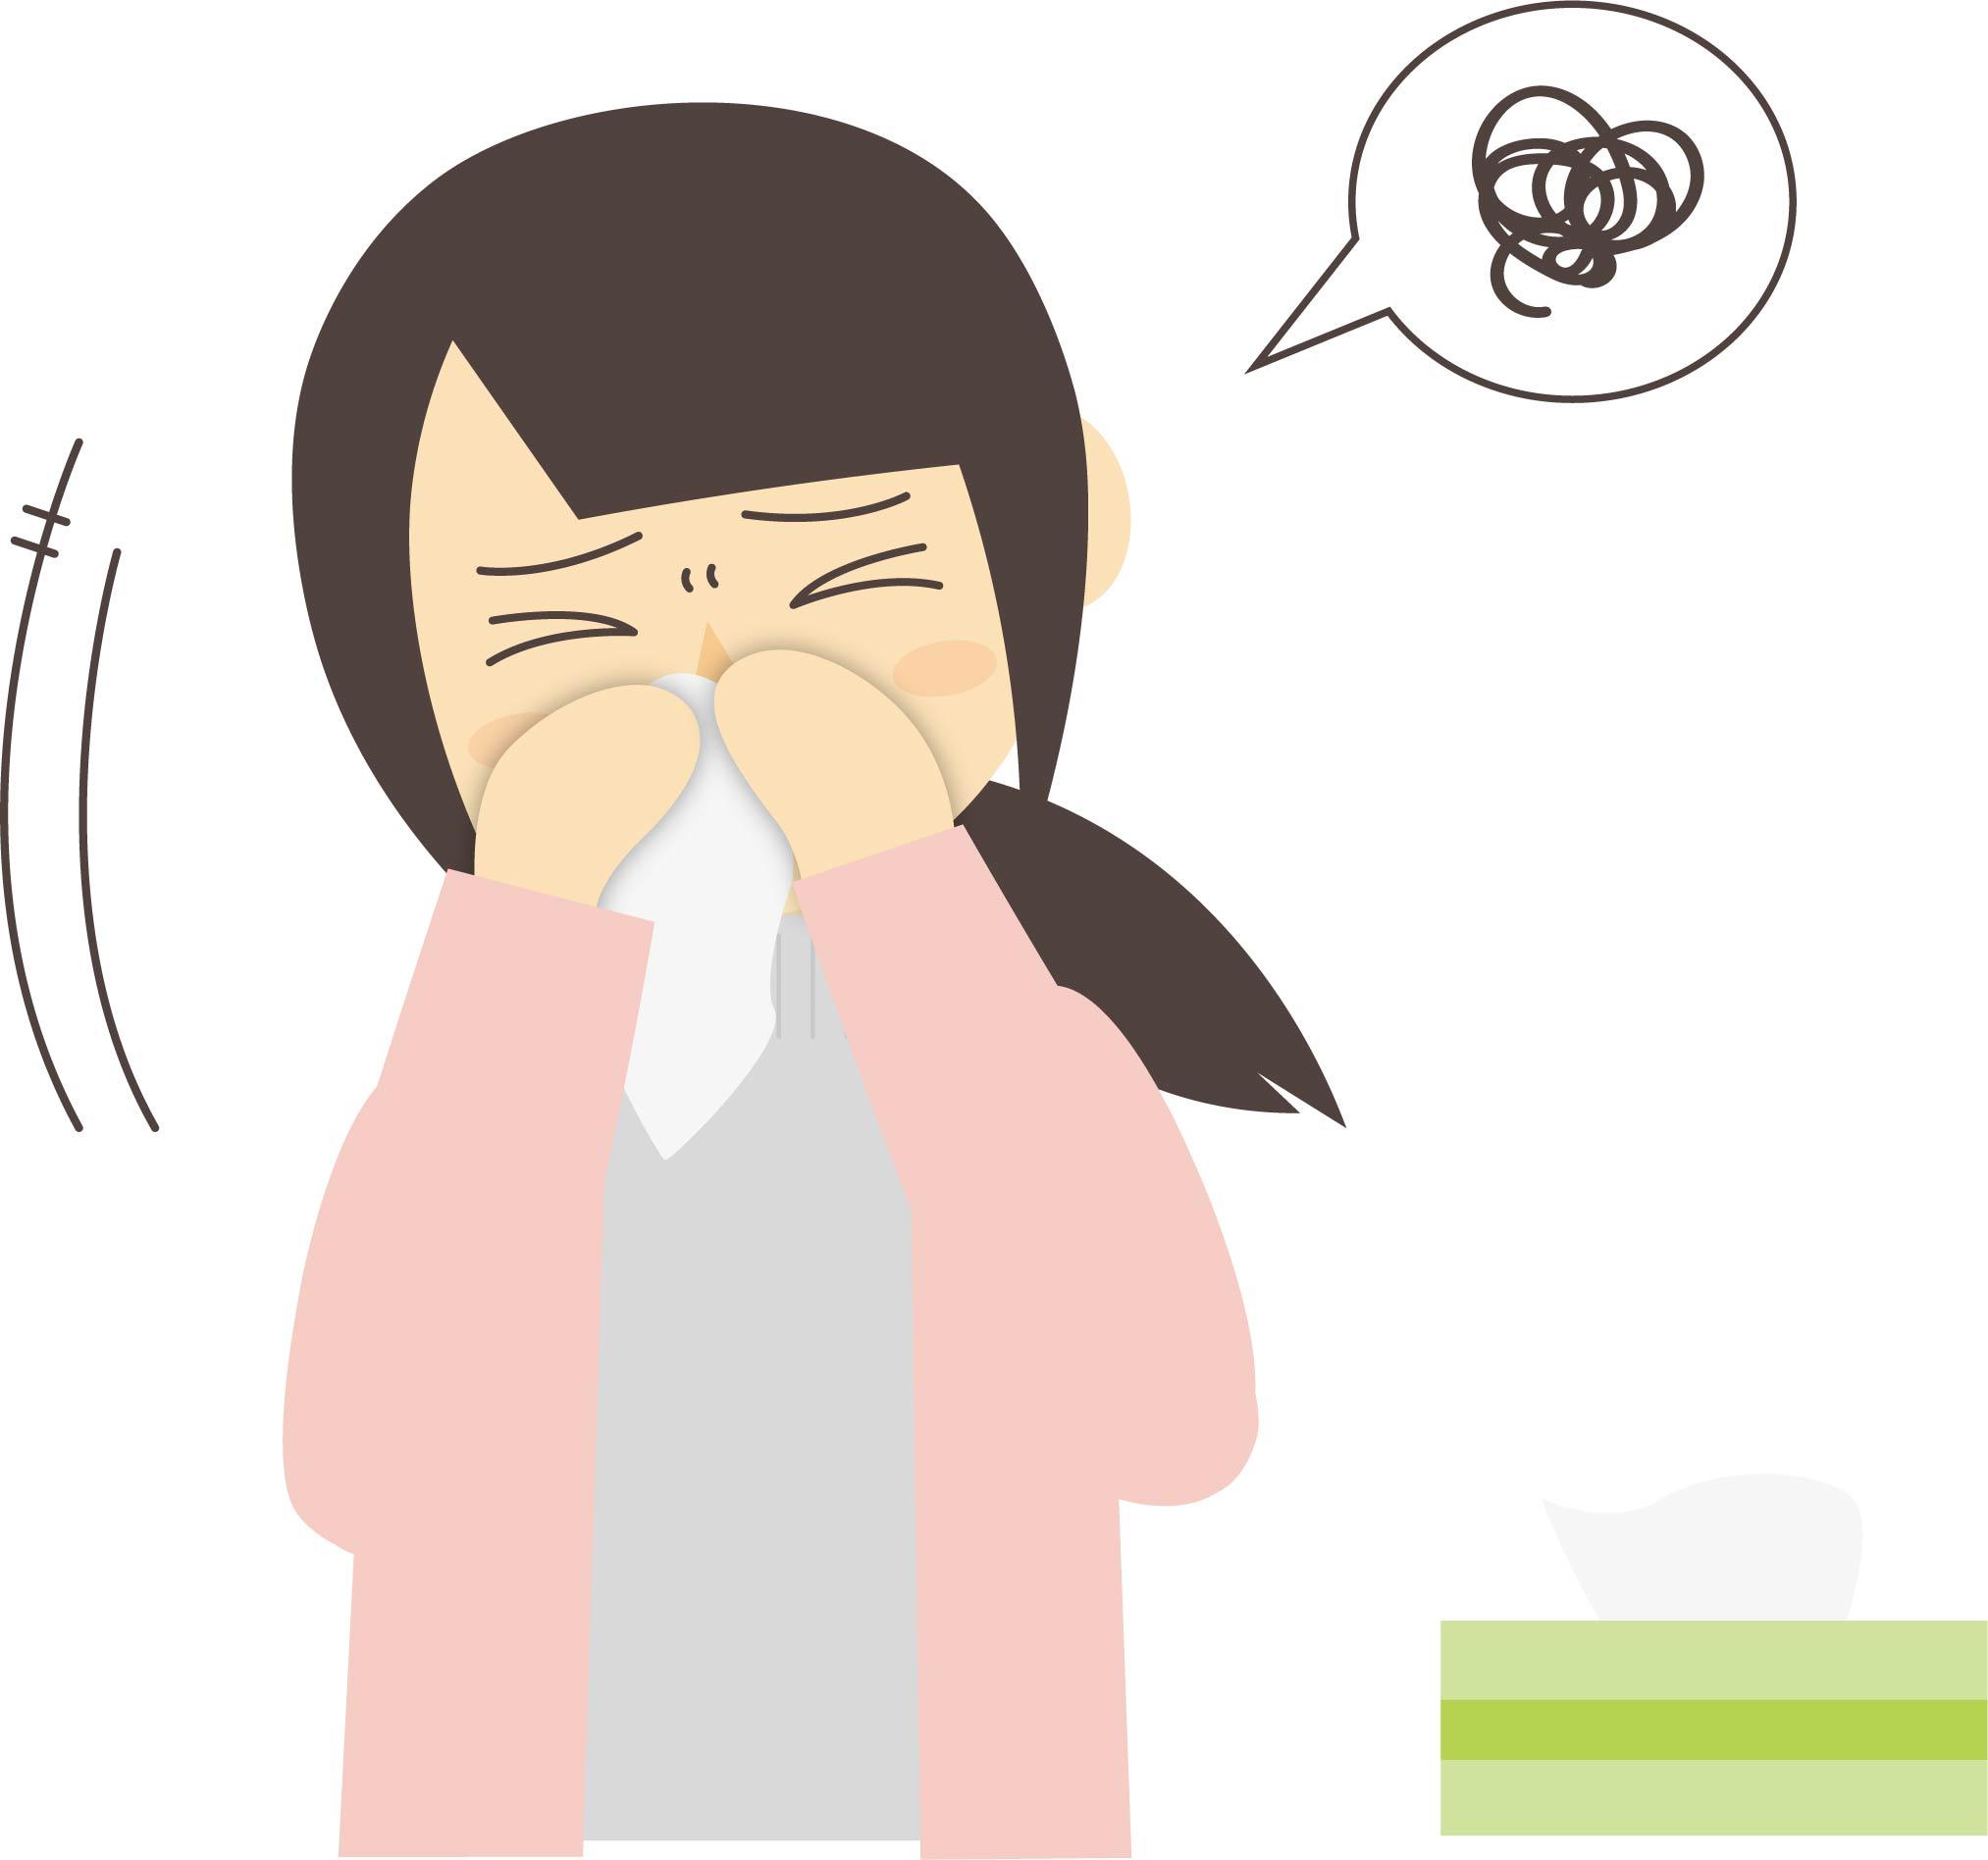 副鼻腔炎(蓄膿症)のイメージ